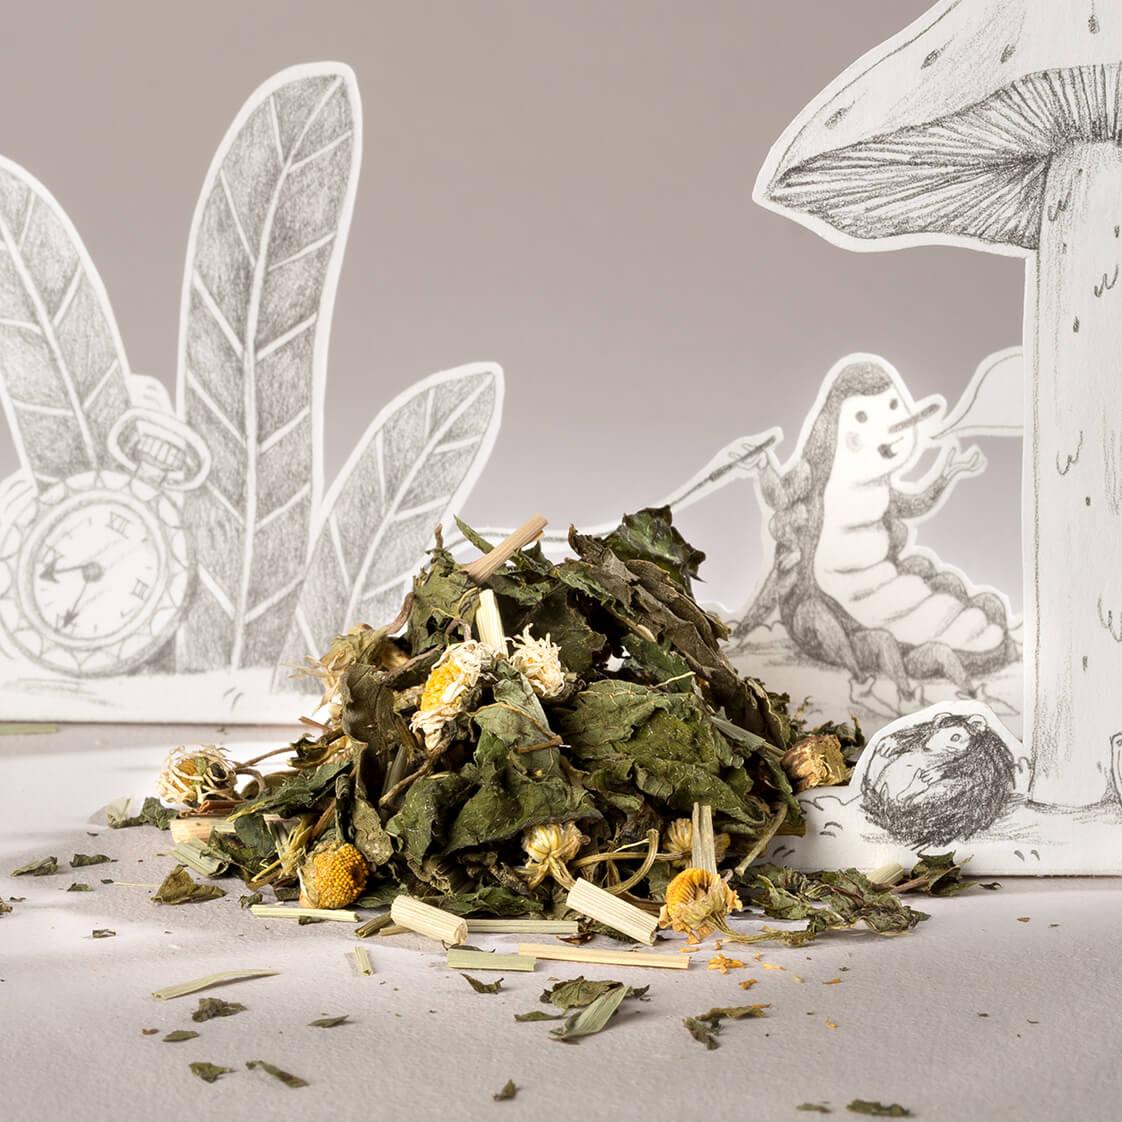 Les plantes médicinales de l'infusion Le lapin blanc.